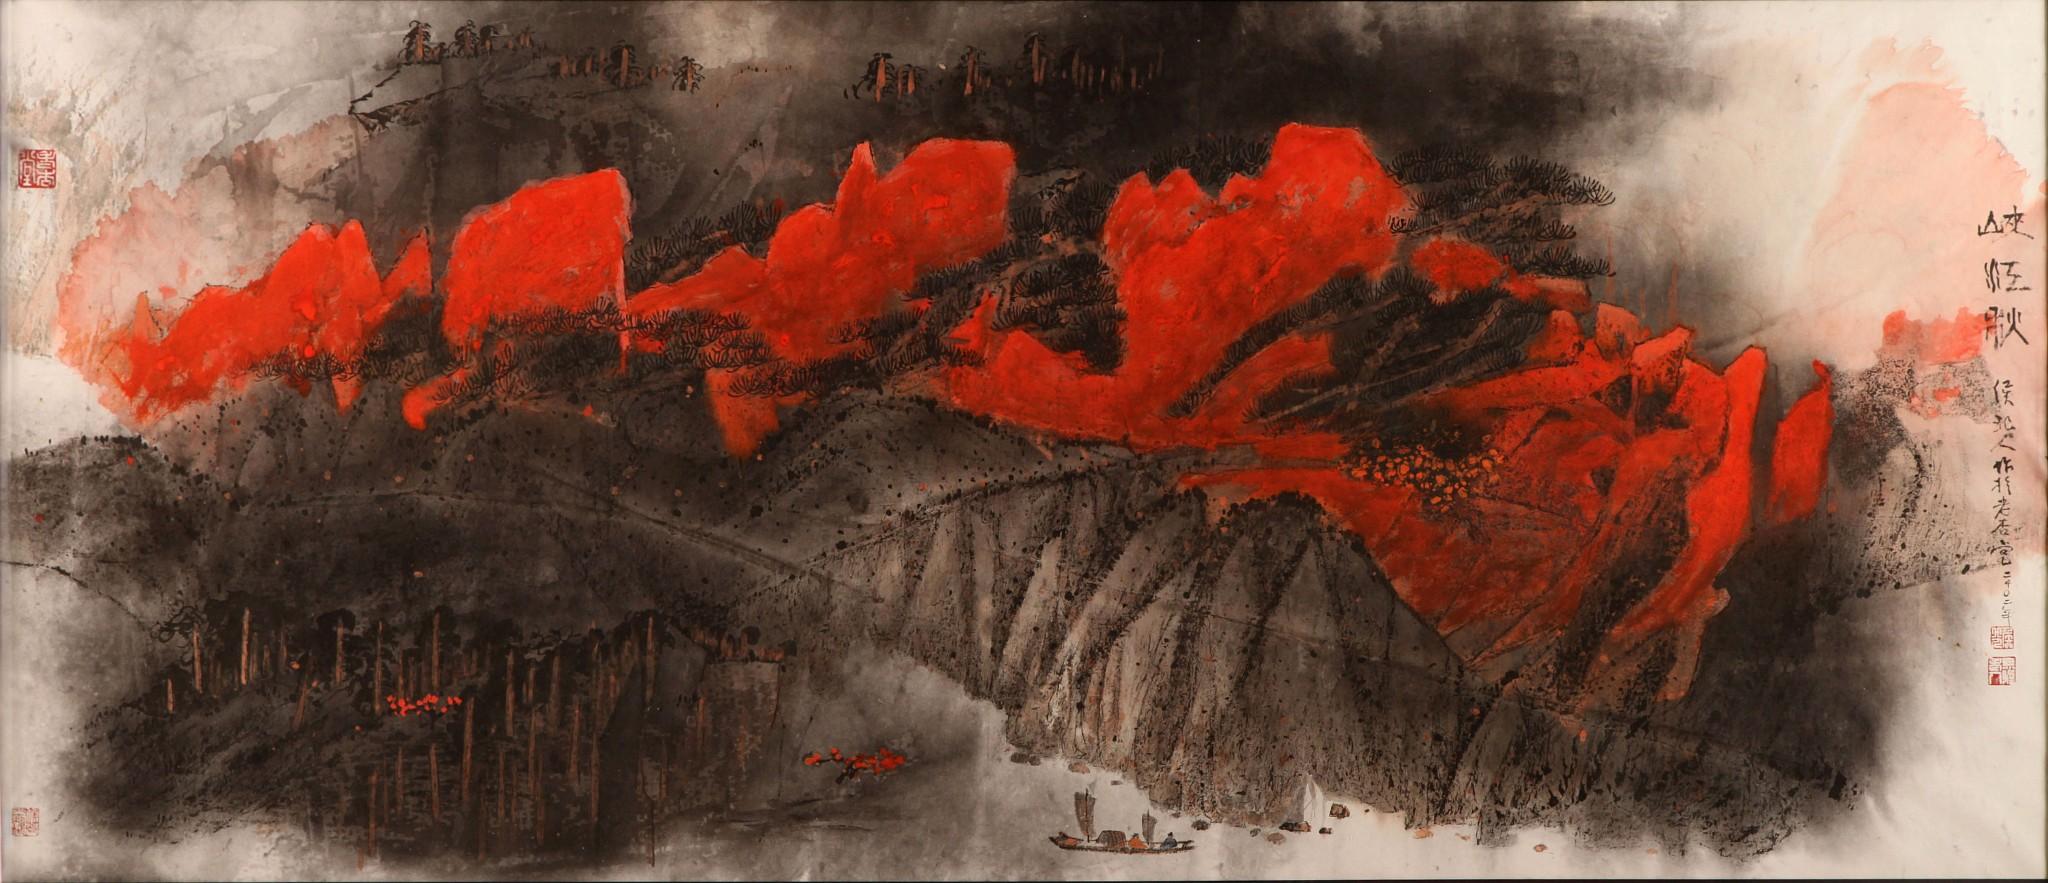 Gorge en automne, 2002, encre et couleur sur papier de Hou Beiren